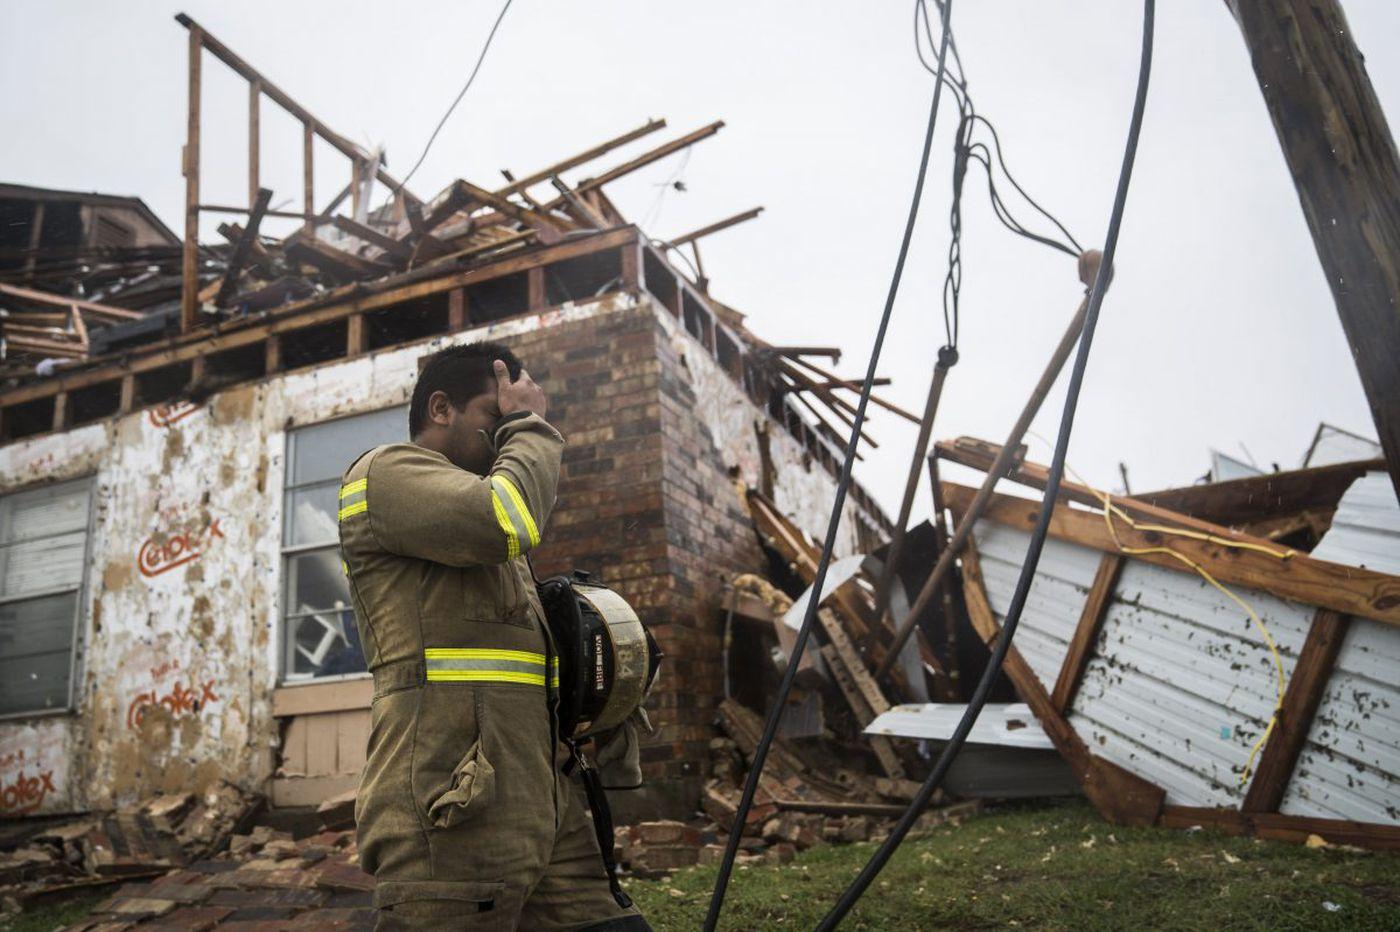 Still reeling from Hurricane Harvey, I learned that my friend was killed in Sudan